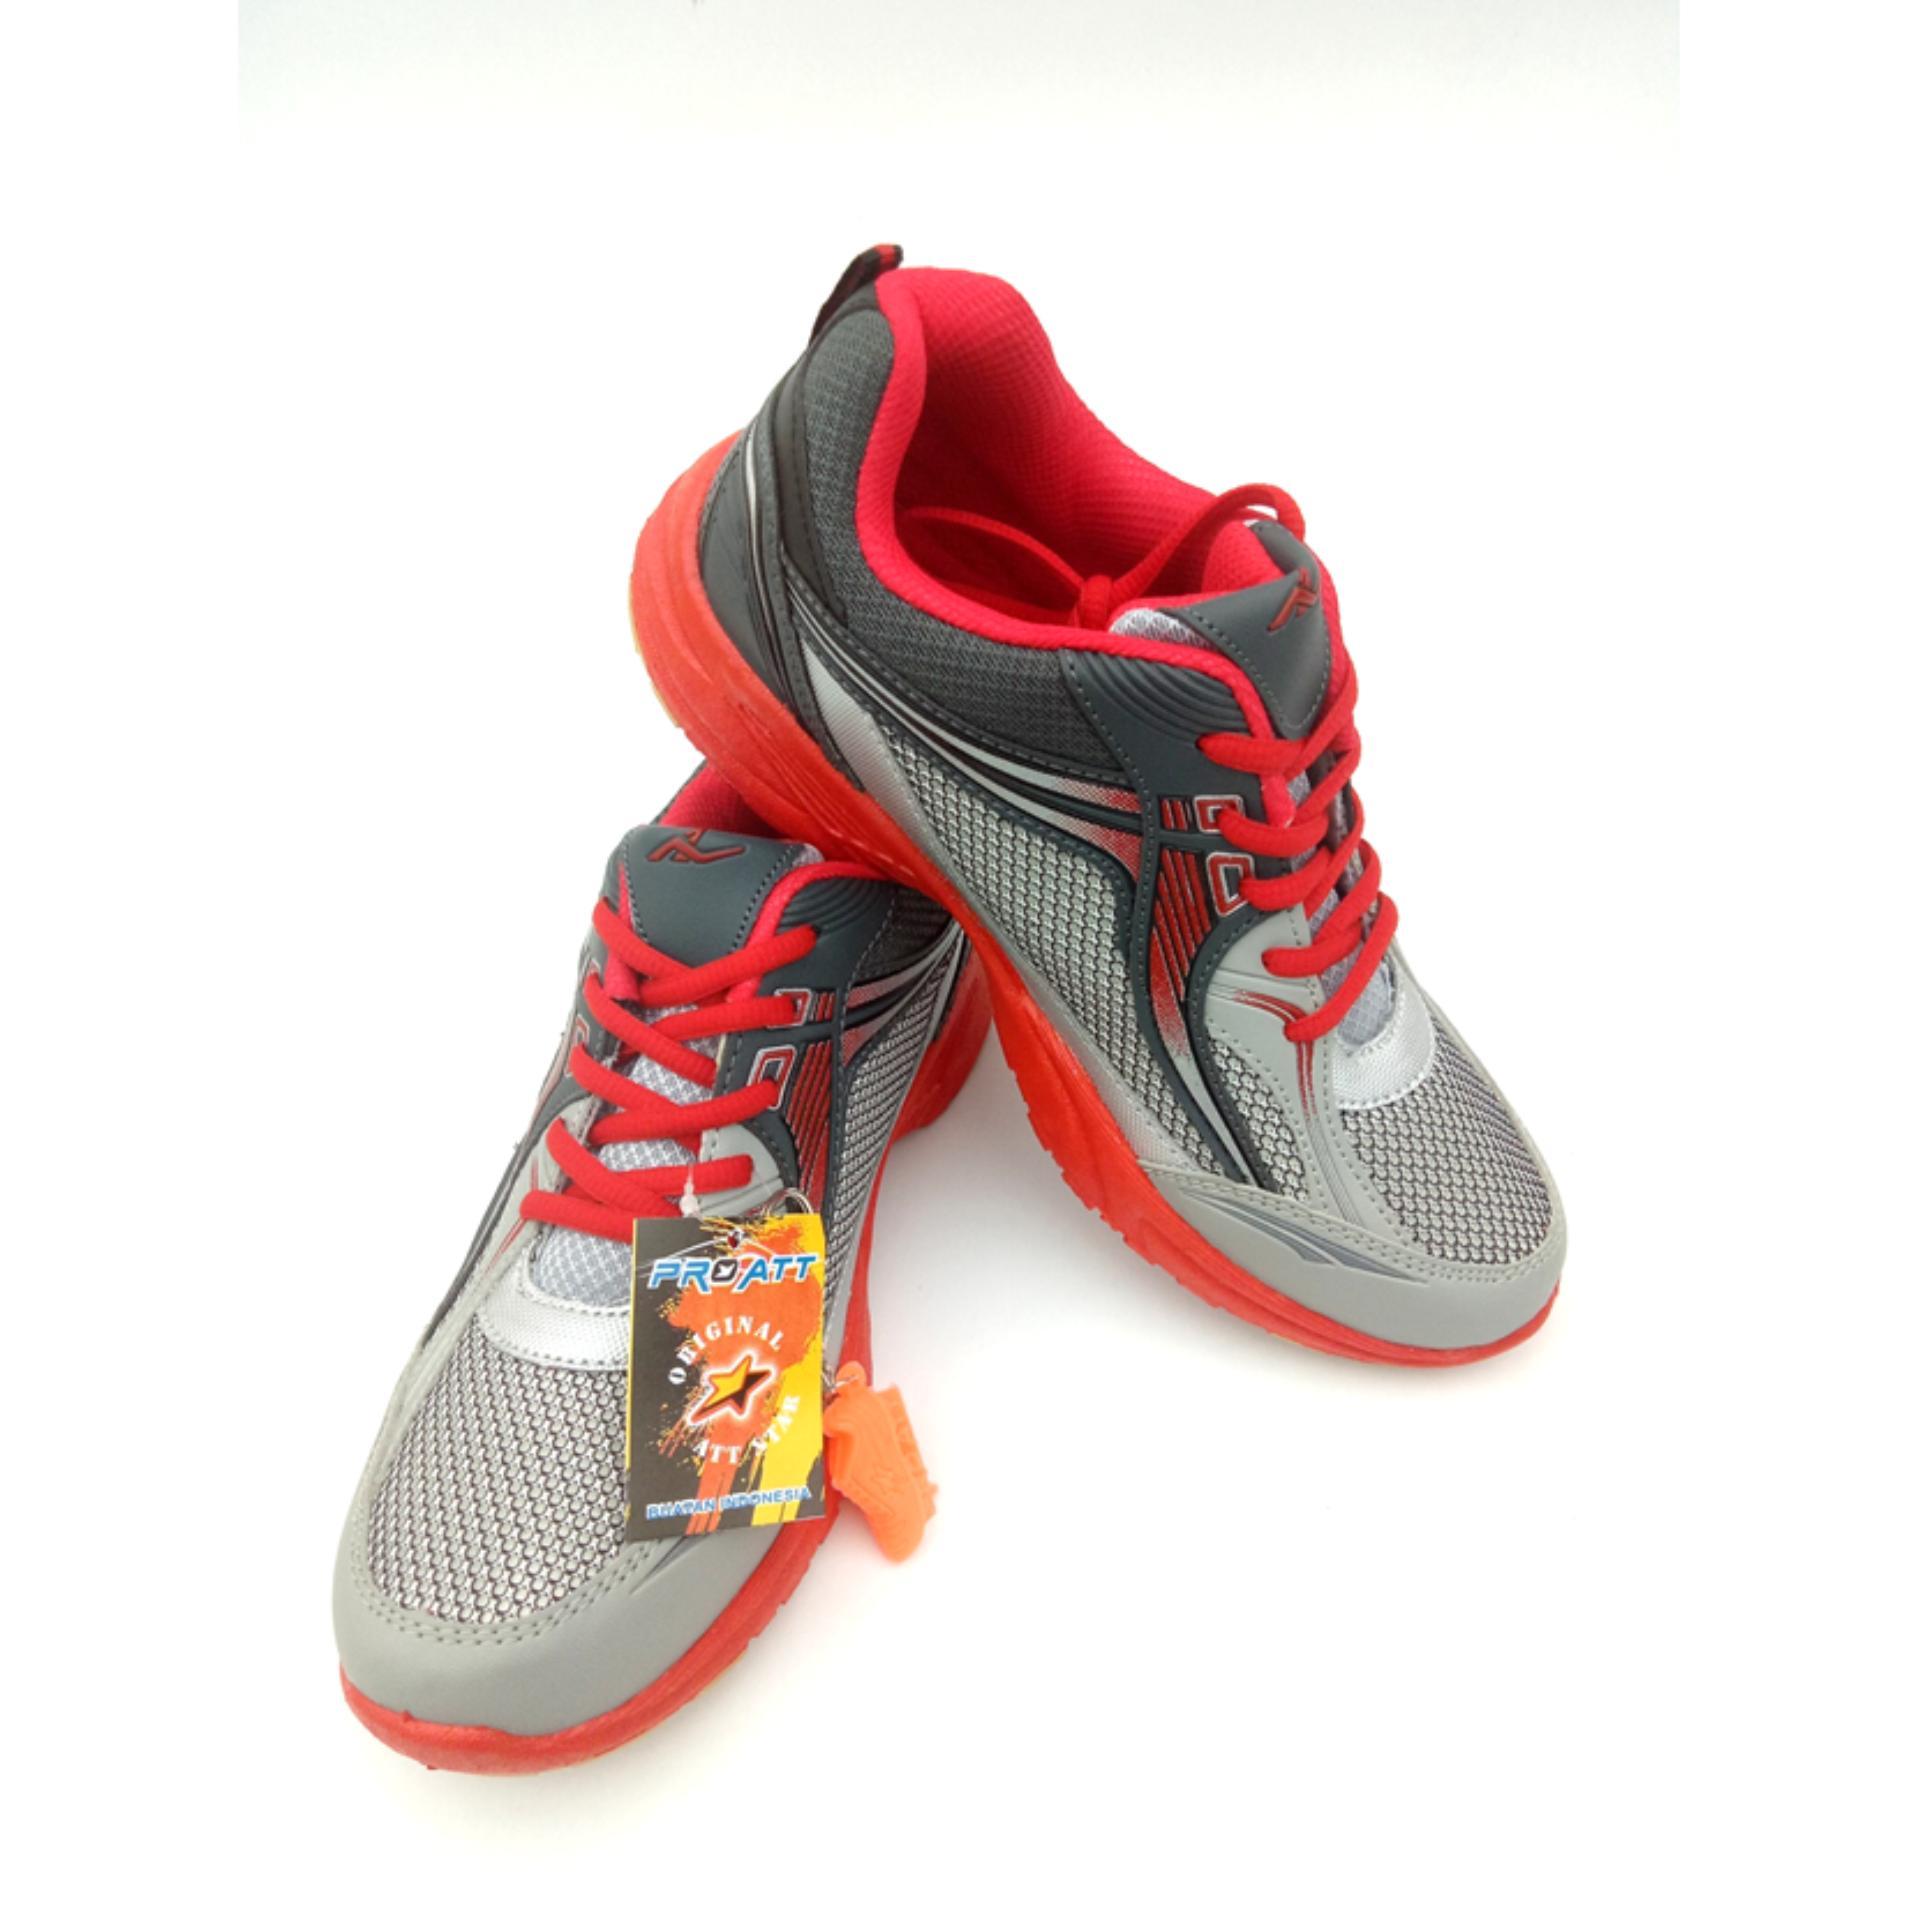 Jual Pro Att Original Mc 50 Biru Abuabu Sepatu Olahraga Pria Sepatu Lari Pria Pro Att Asli